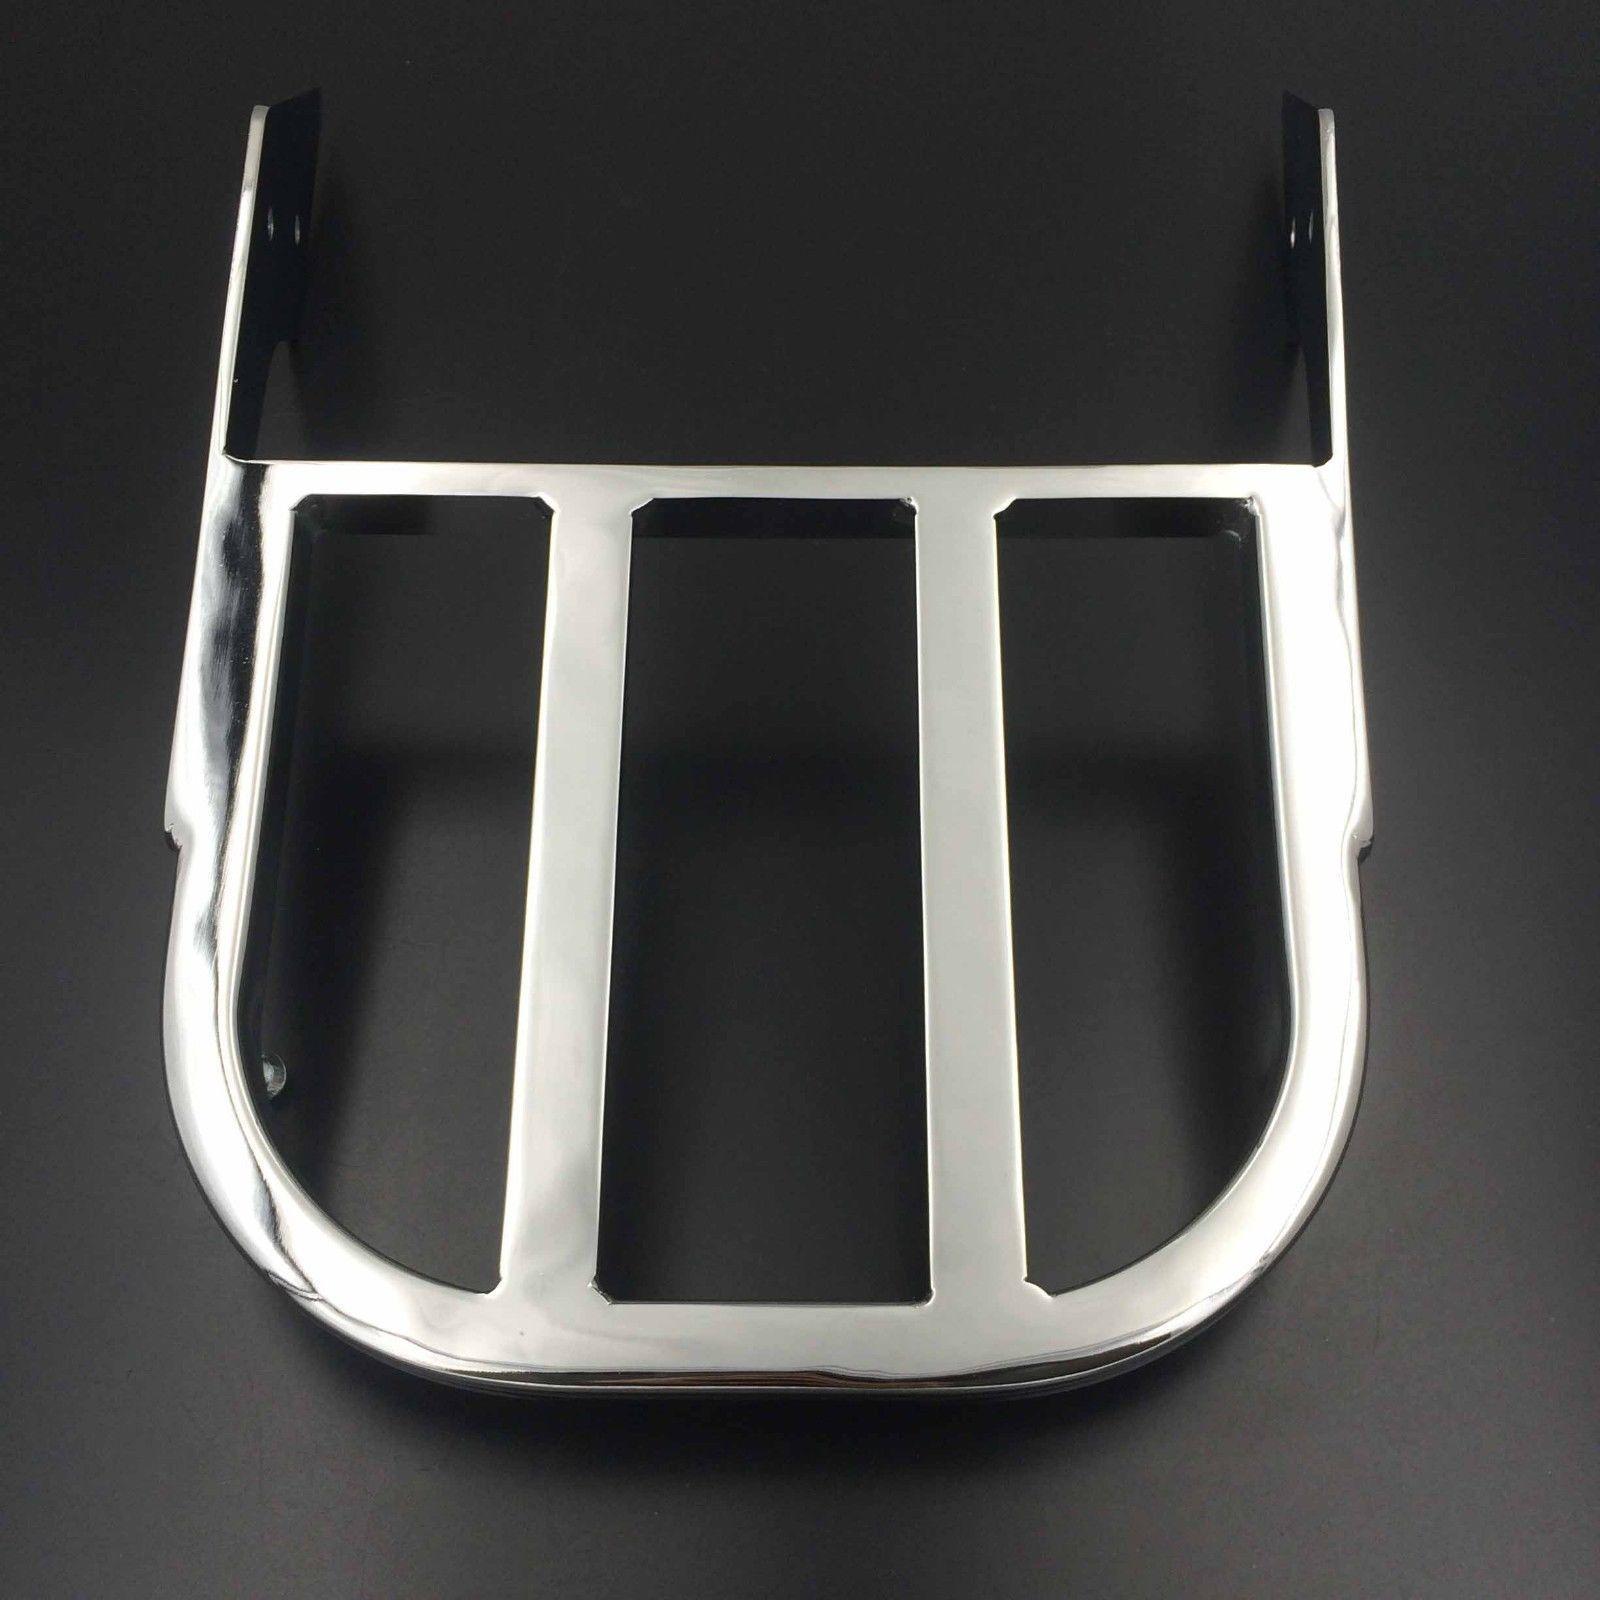 Хром Сисси бар багажная сетка для Honda VTX 1300С VTX 1800C мотоцикл Новый